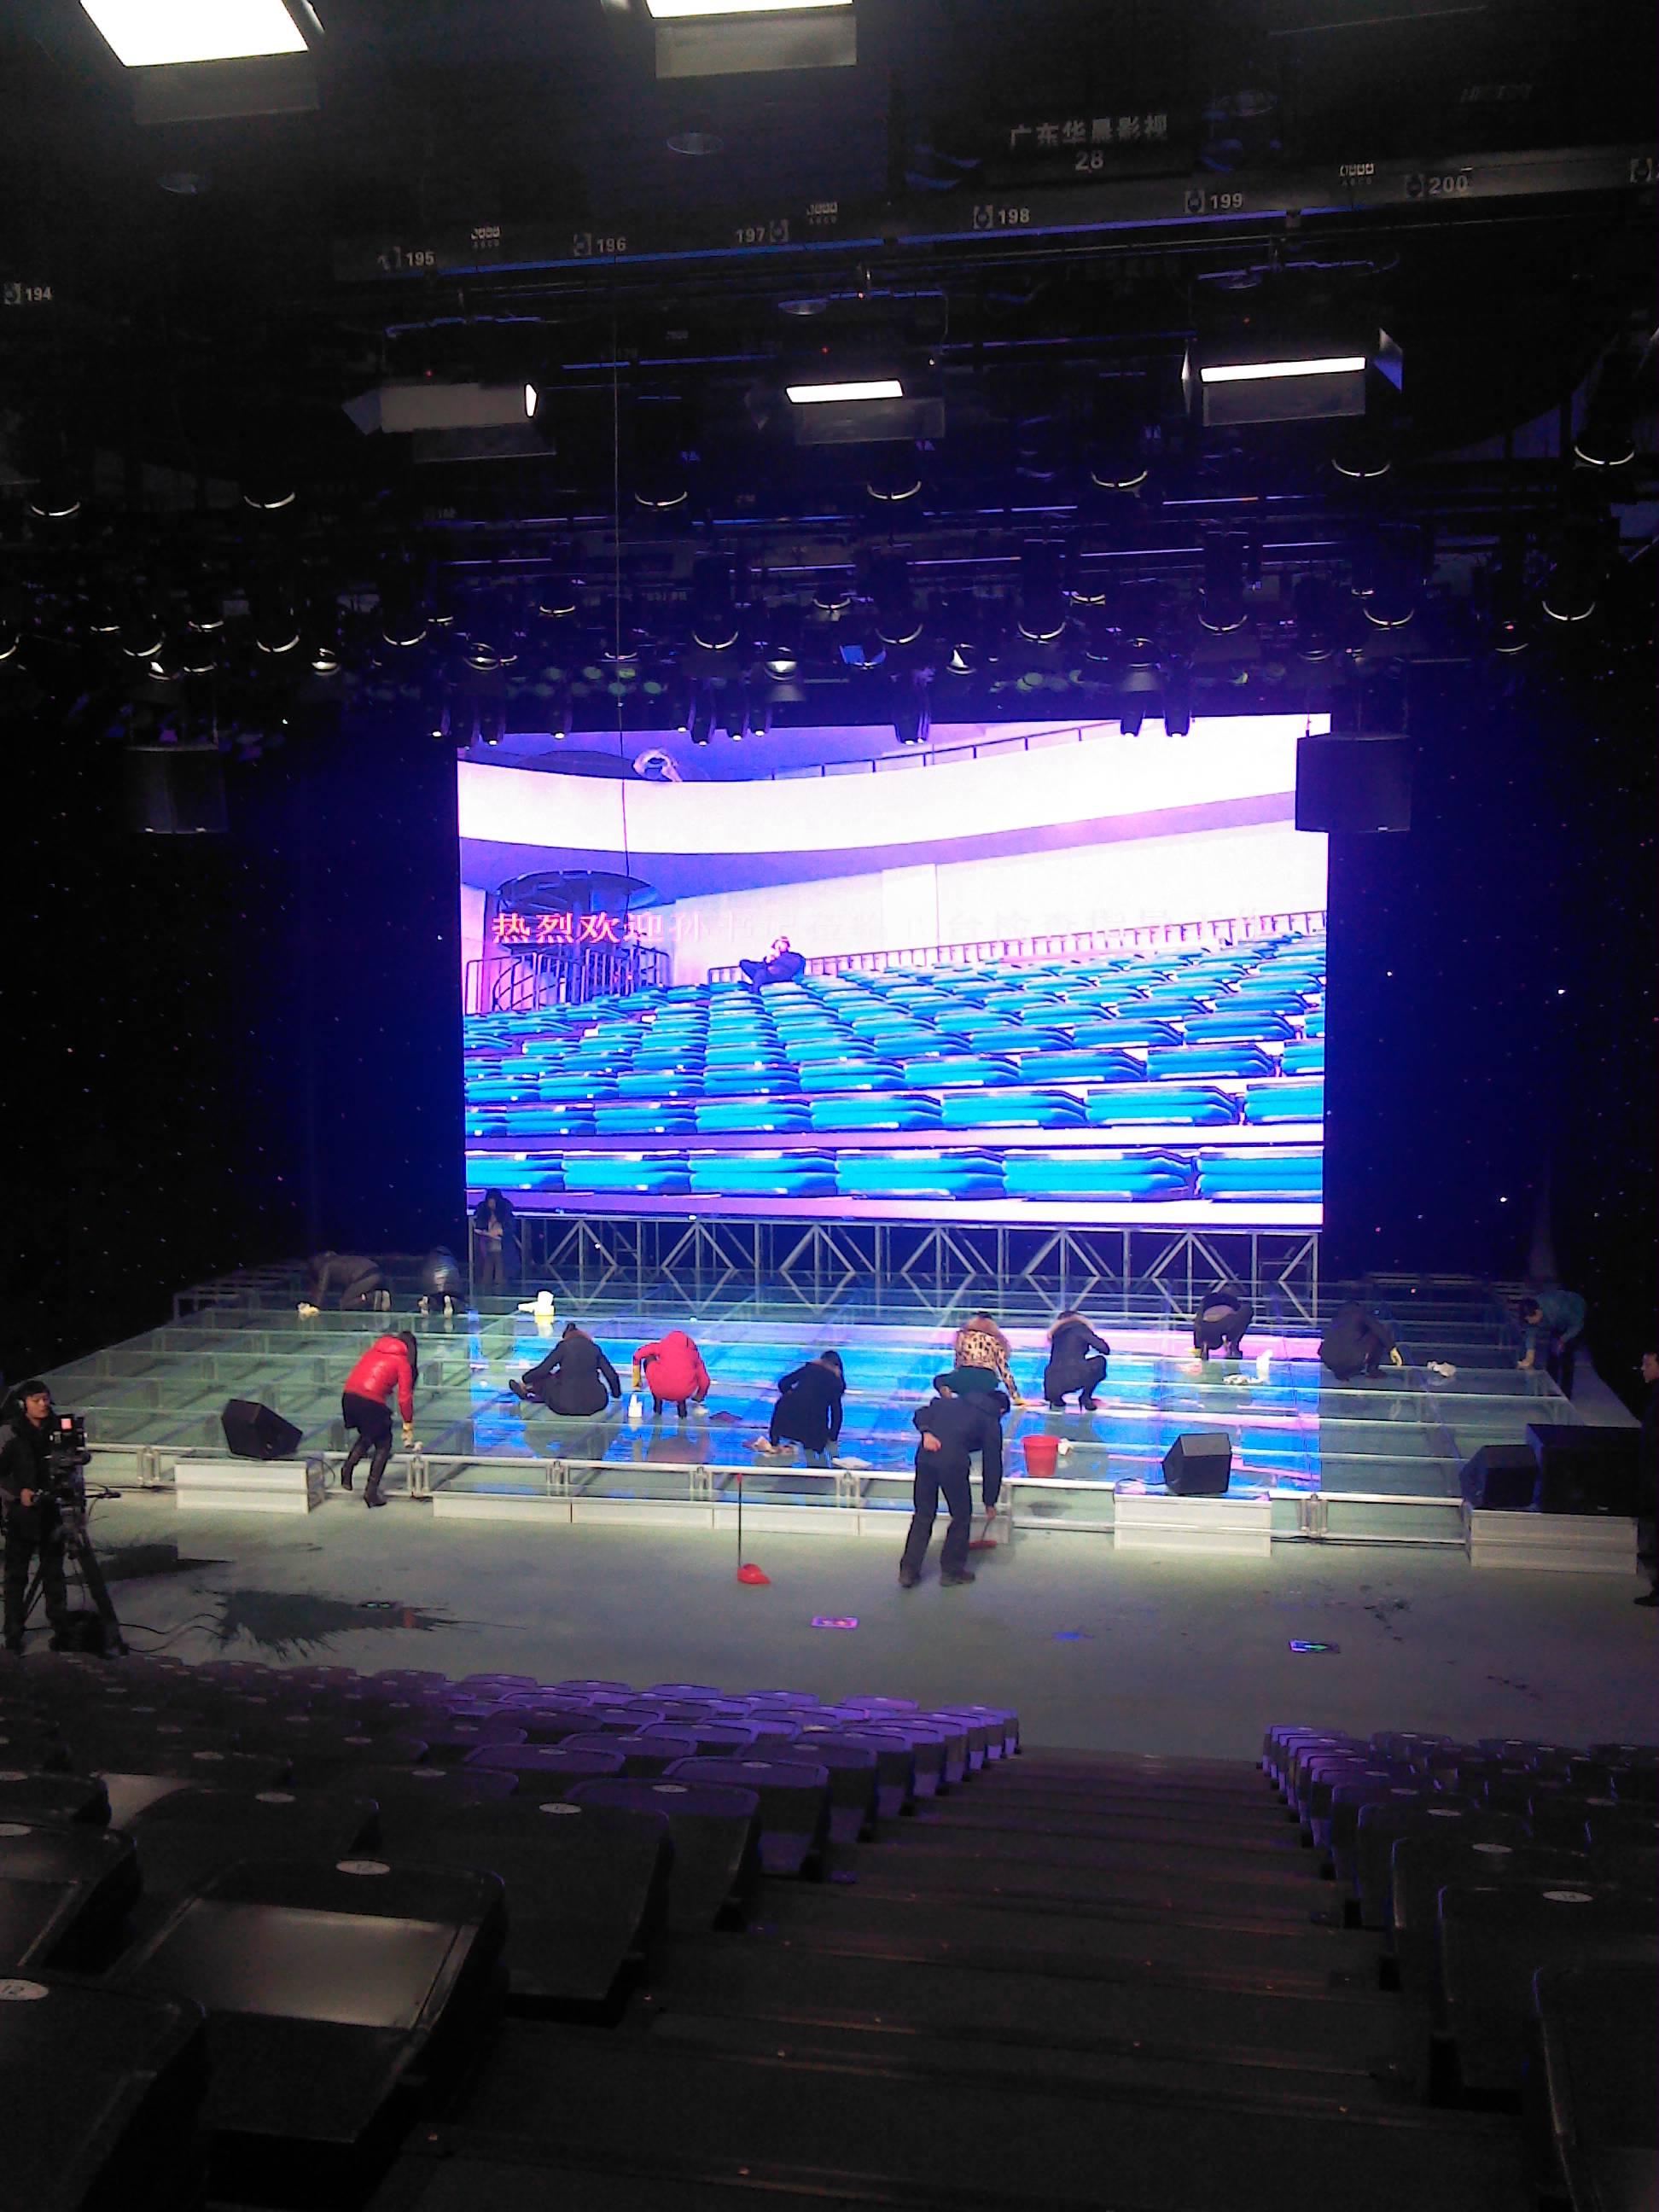 葫芦岛电视台p6户内舞台屏 66平方米